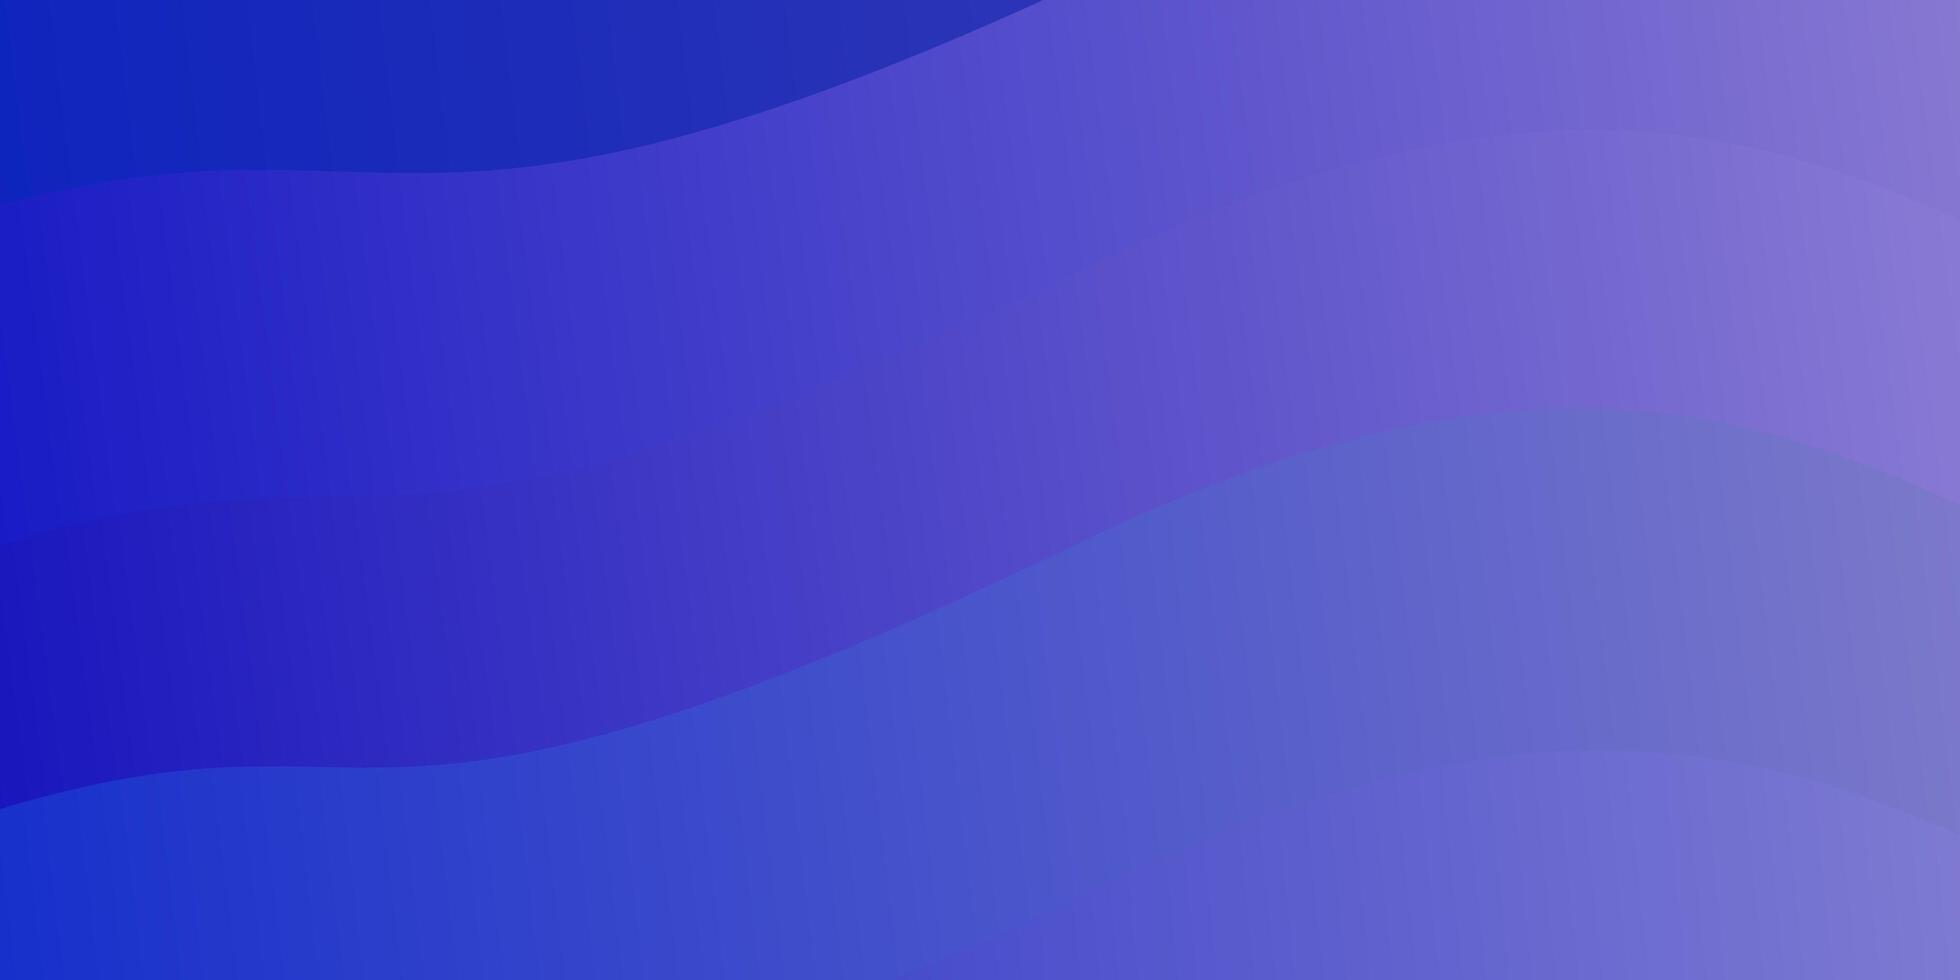 fundo vector rosa claro, azul com linhas.